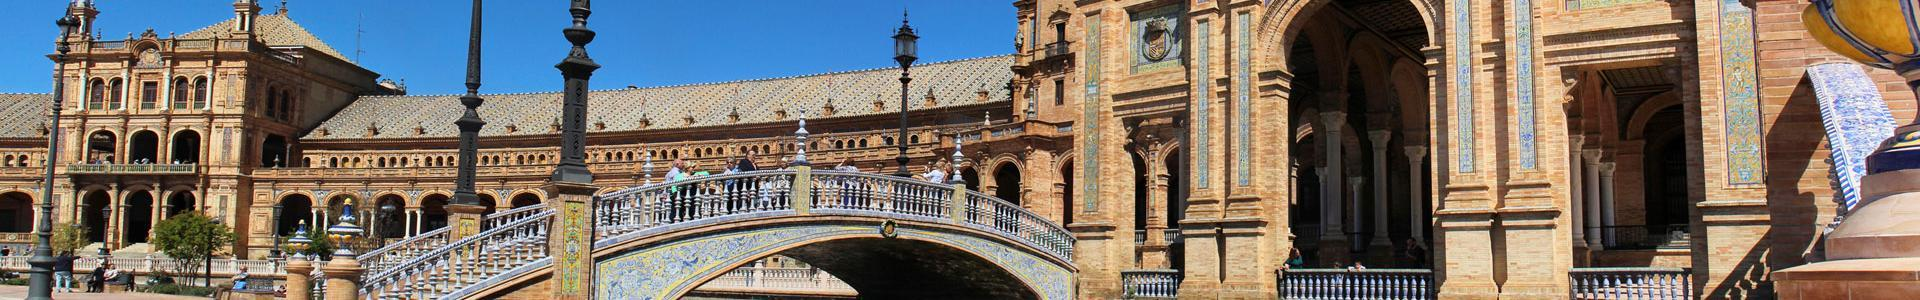 última Hora Hoteles En Sevilla Centraldereservas Com